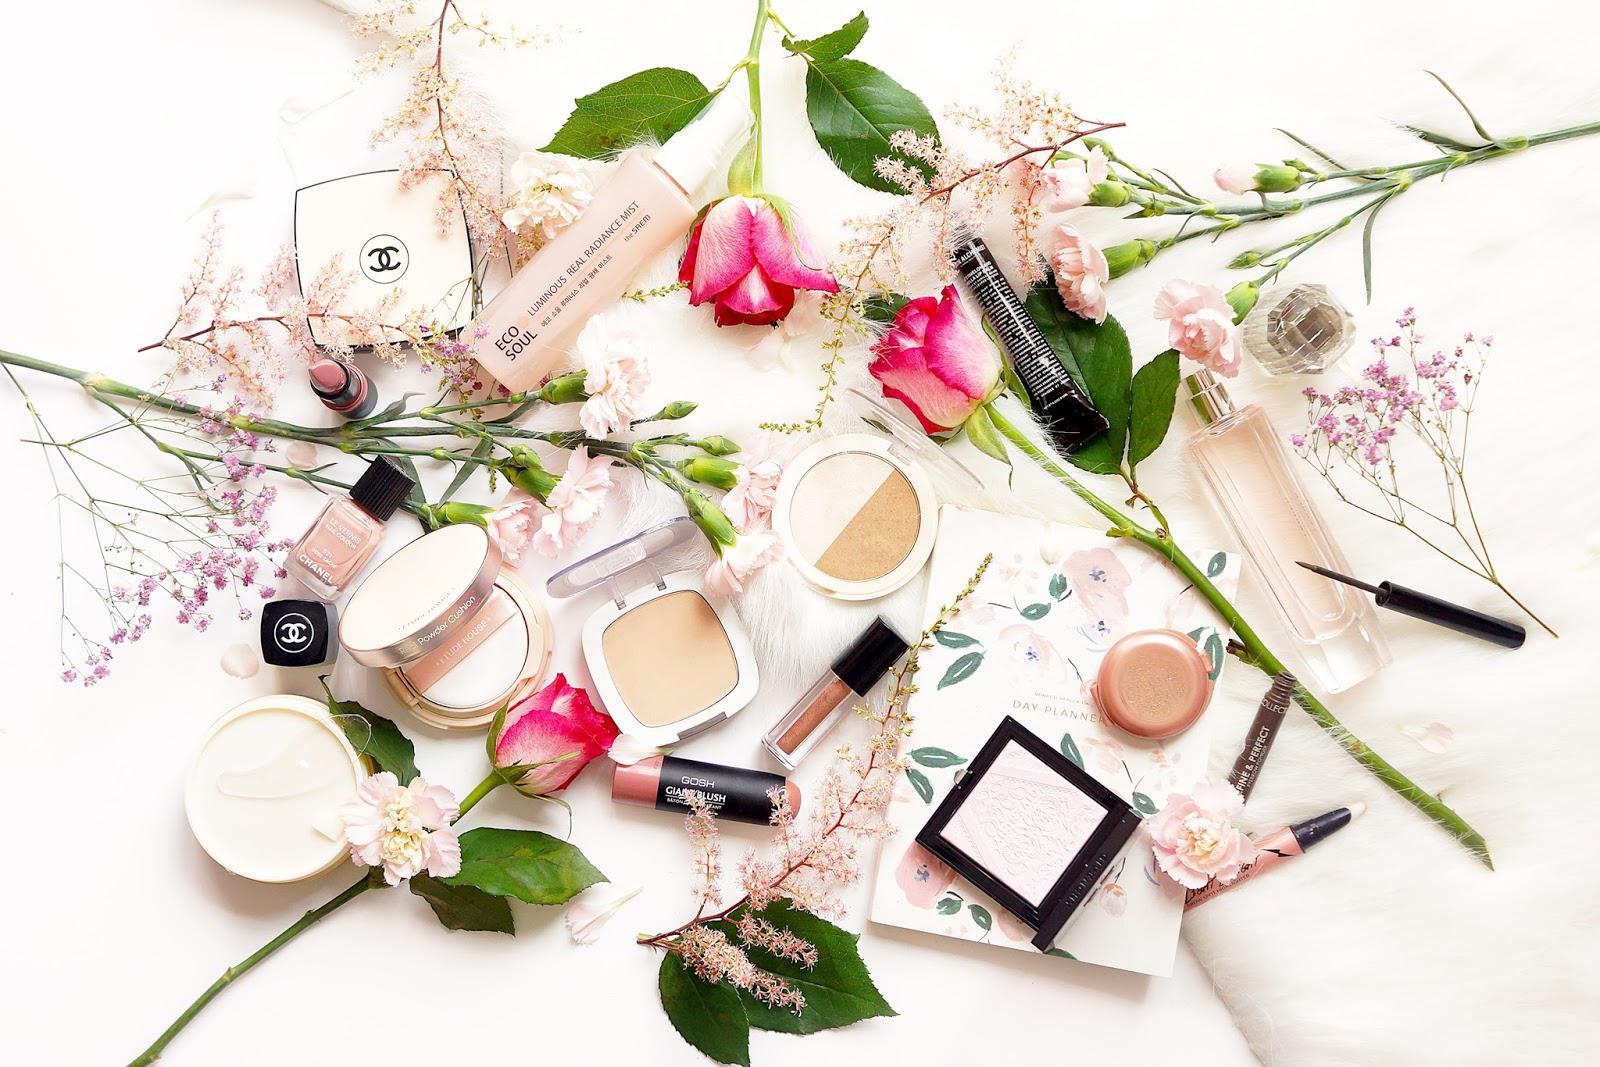 image3-13 | Руководство по покупке косметических продуктов: когда экономить и когда тратить?